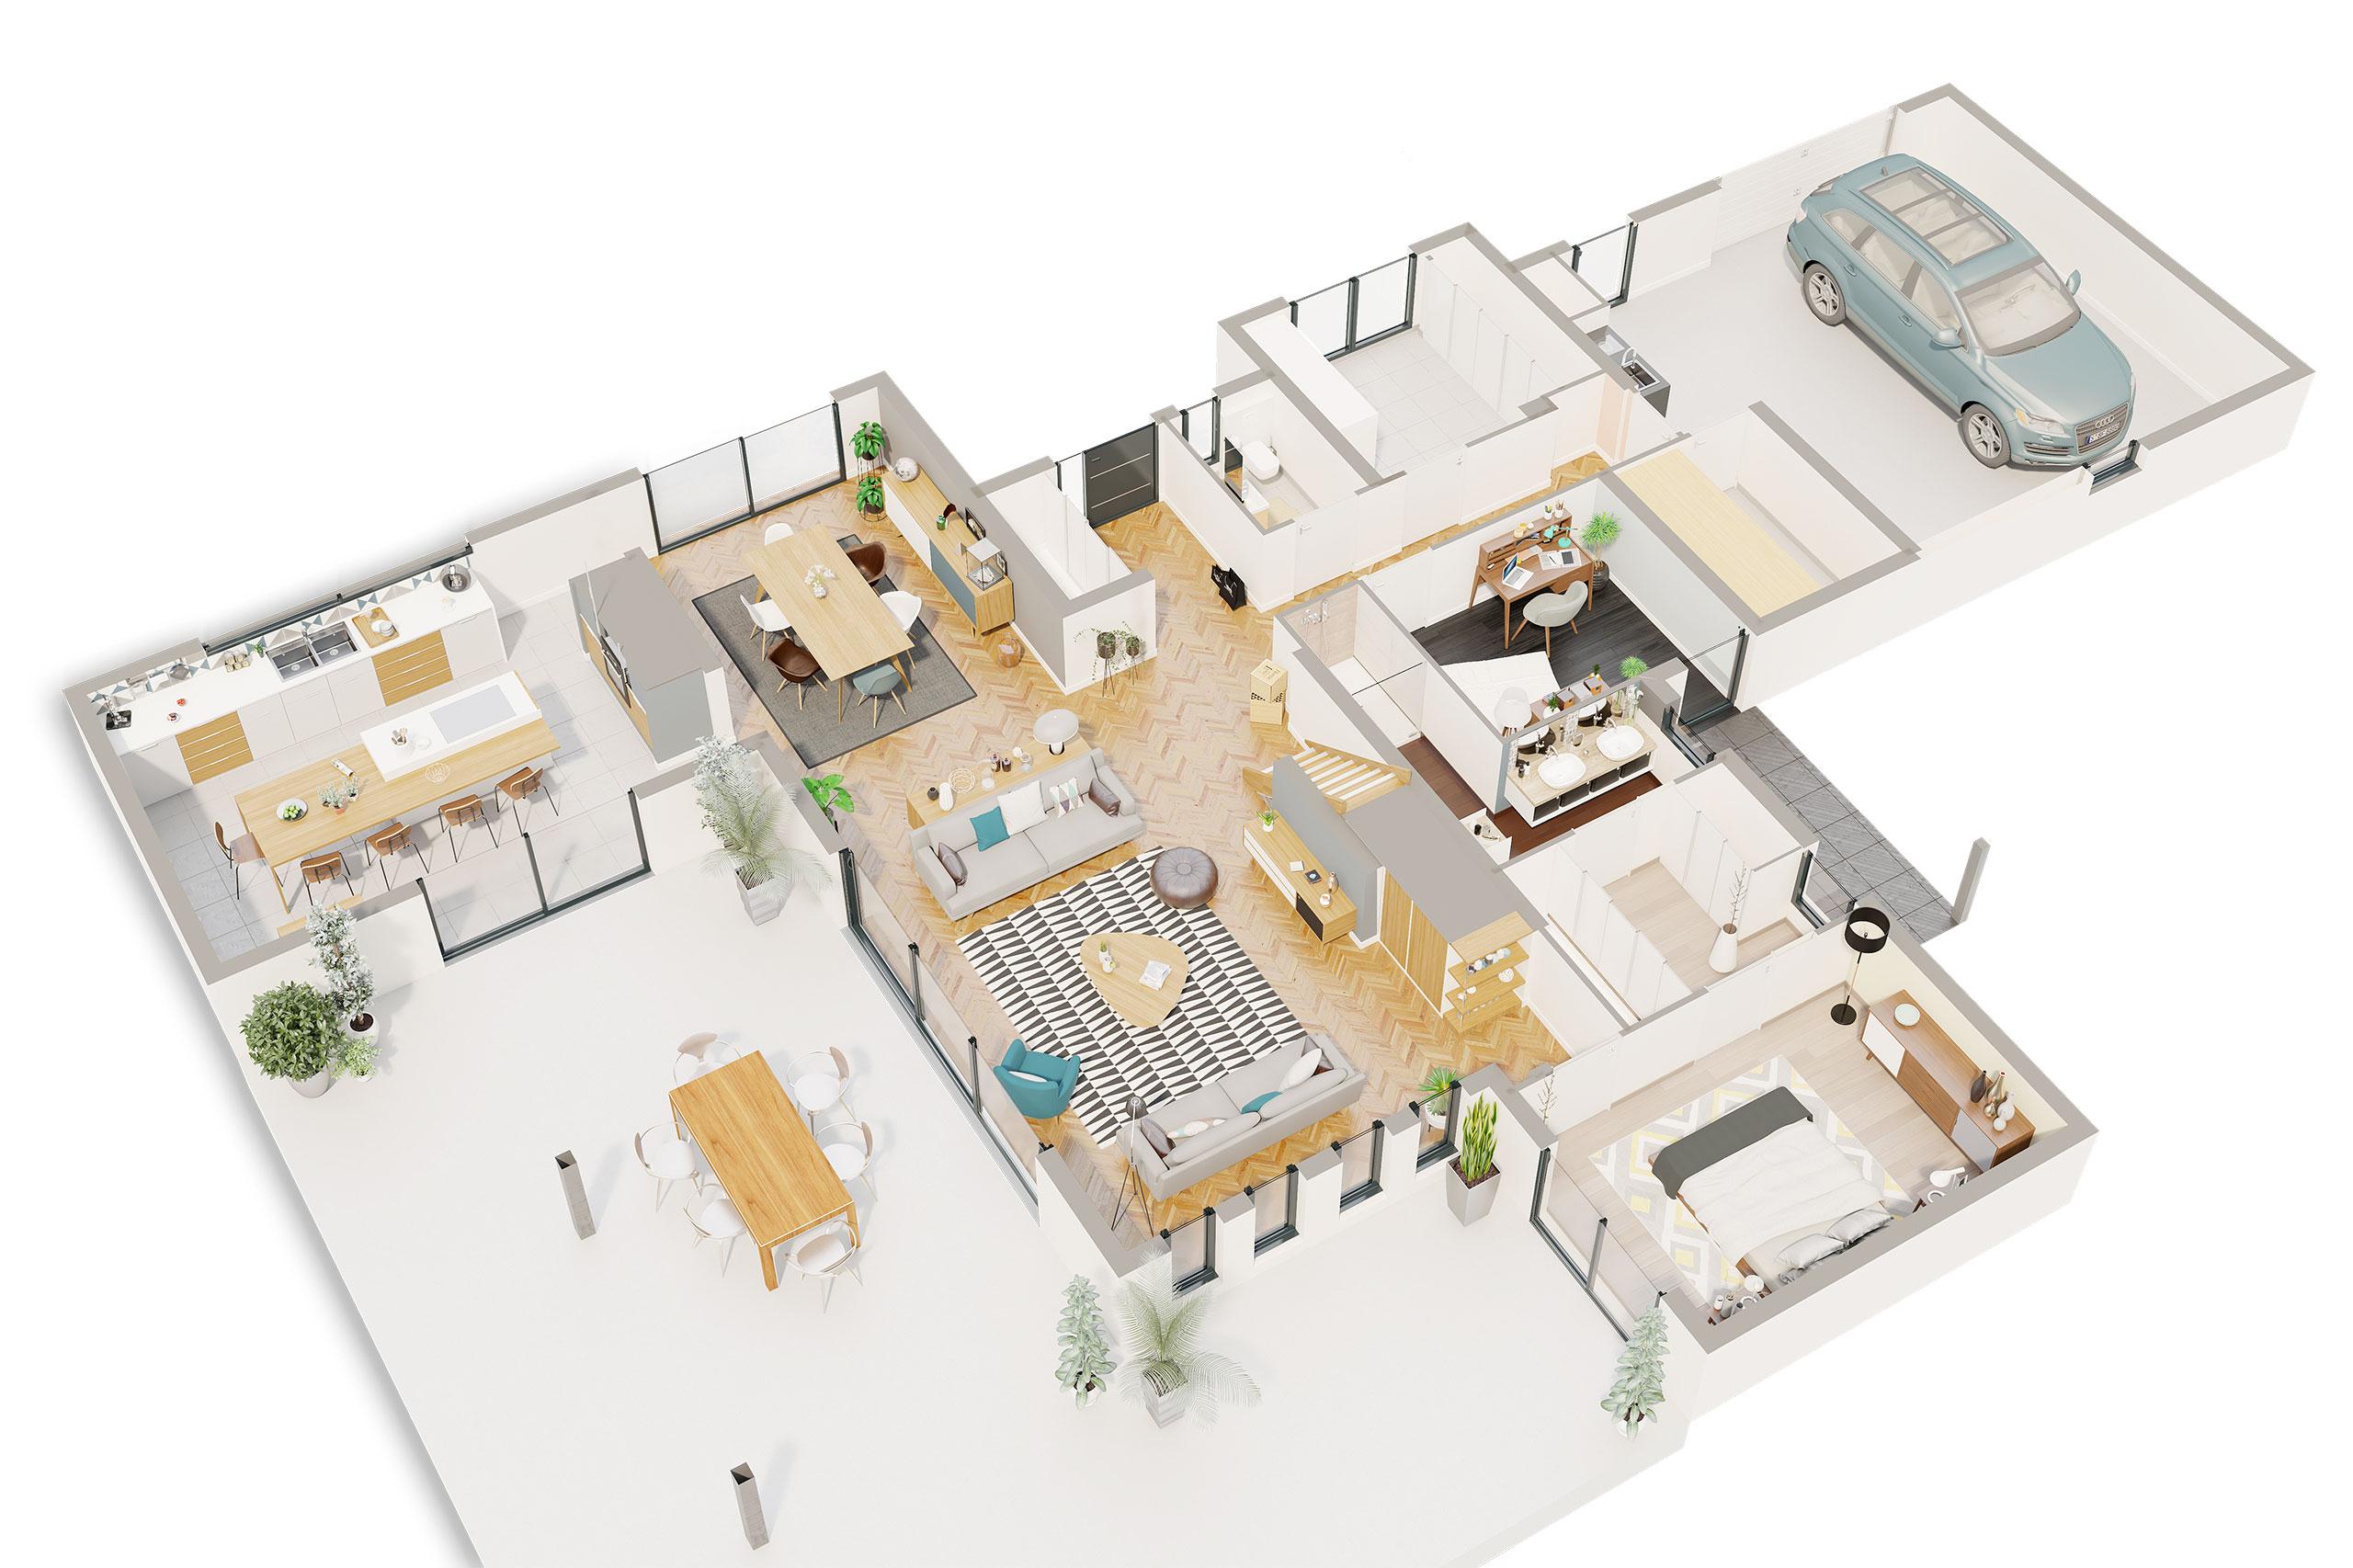 Maison contemporaine Étage Albizia avec plans - Demeures d